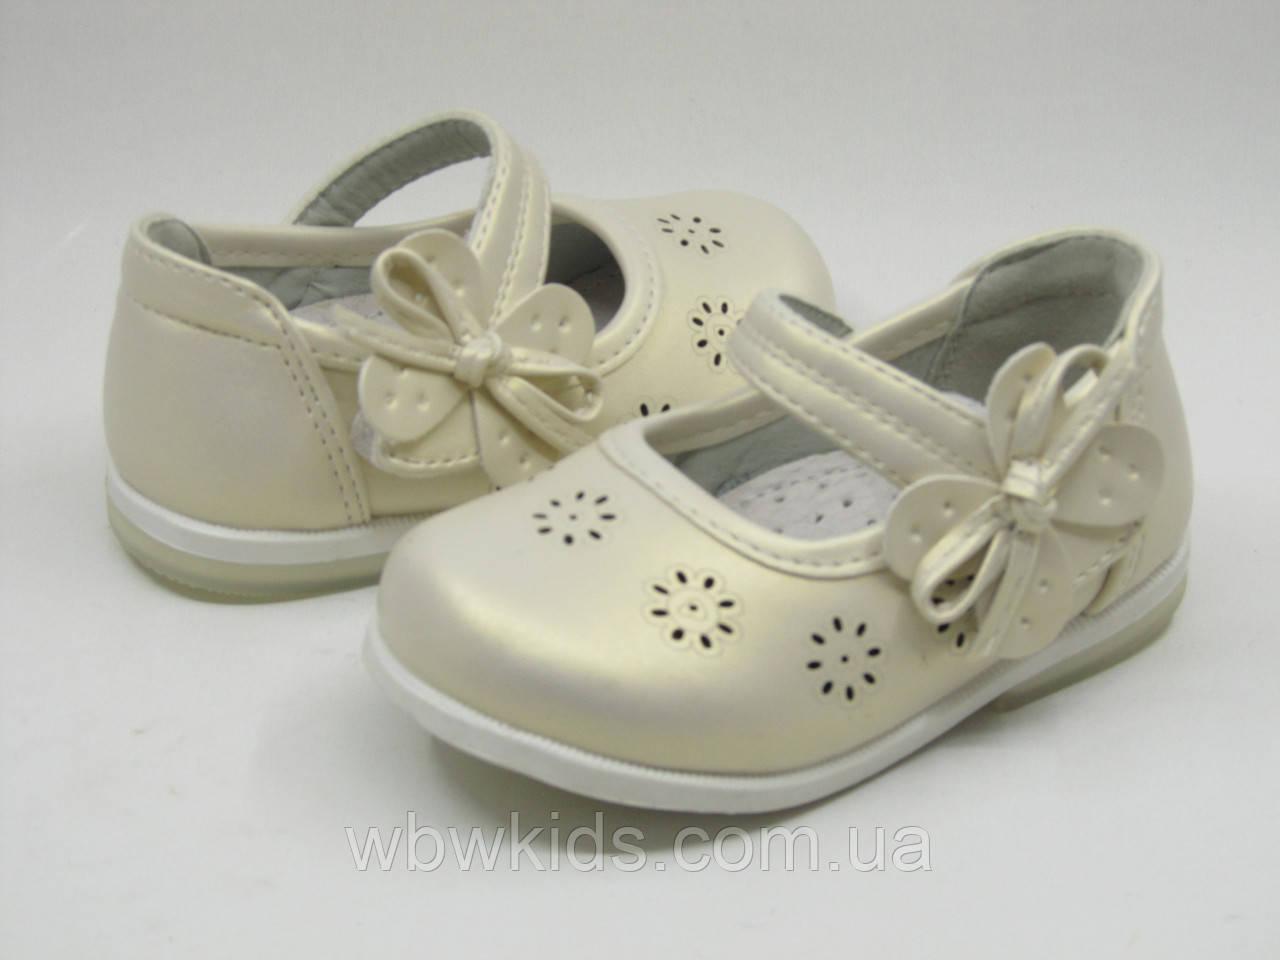 Туфли детские Clibee DM-101 gold для девочки золотистые 22